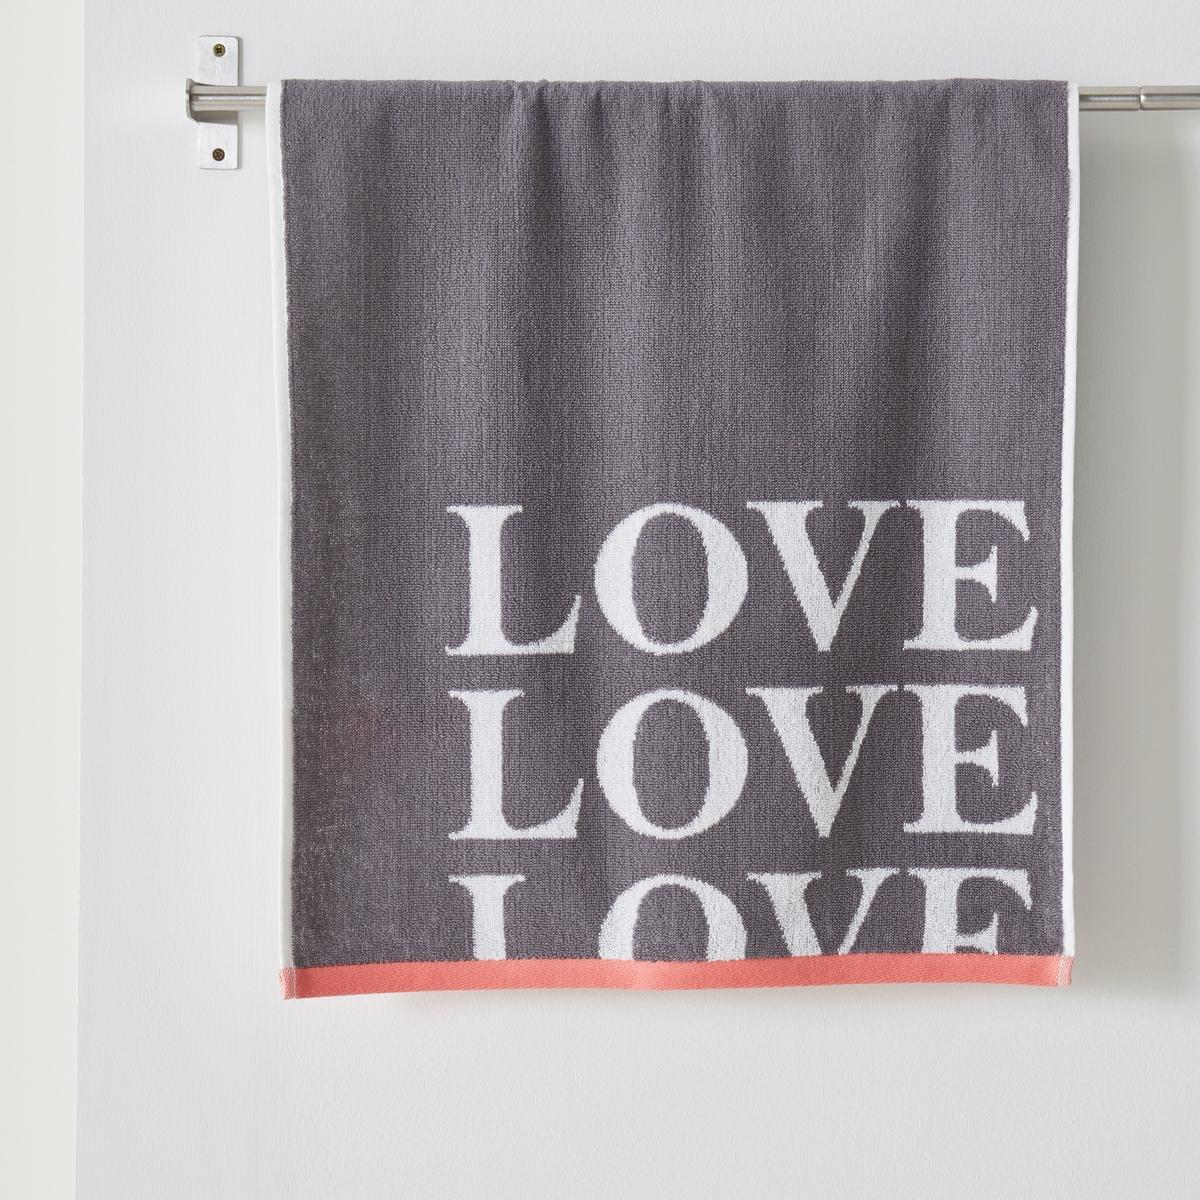 Полотенце махровое LOVE, 100% хлопокМахровое полотенце LOVE из хлопка. Полотенце из мягкого и плотного хлопка LOVE, Вы его полюбите! Отделка контрастной кромкой, следуя модным тенденциям.Характеристики:Материал: махровая ткань из 100% хлопка, 450 г/м?.Уход:Стирать при 60°С.Размеры:50 x 100 см. Вы можете приобрести также другие модели полотенец на нашем сайте.<br><br>Цвет: антрацит<br>Размер: 50 x 100 см